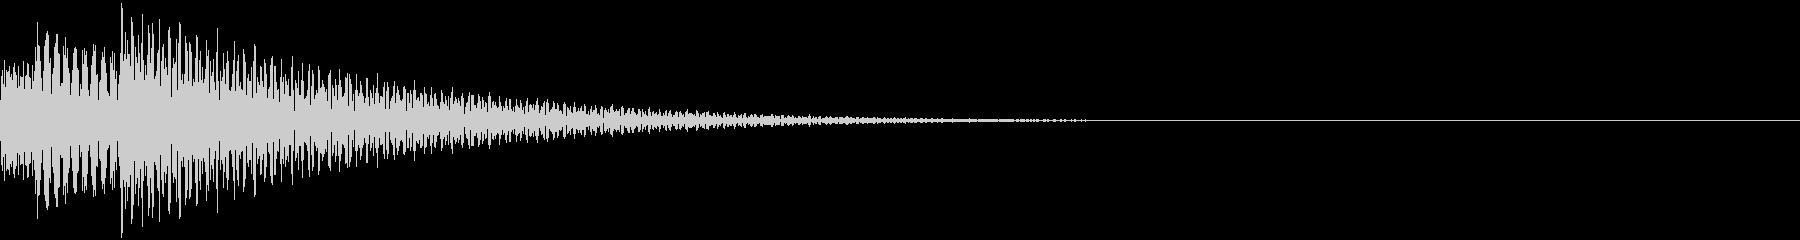 ピローンチフワン(セレクションサウンド)の未再生の波形